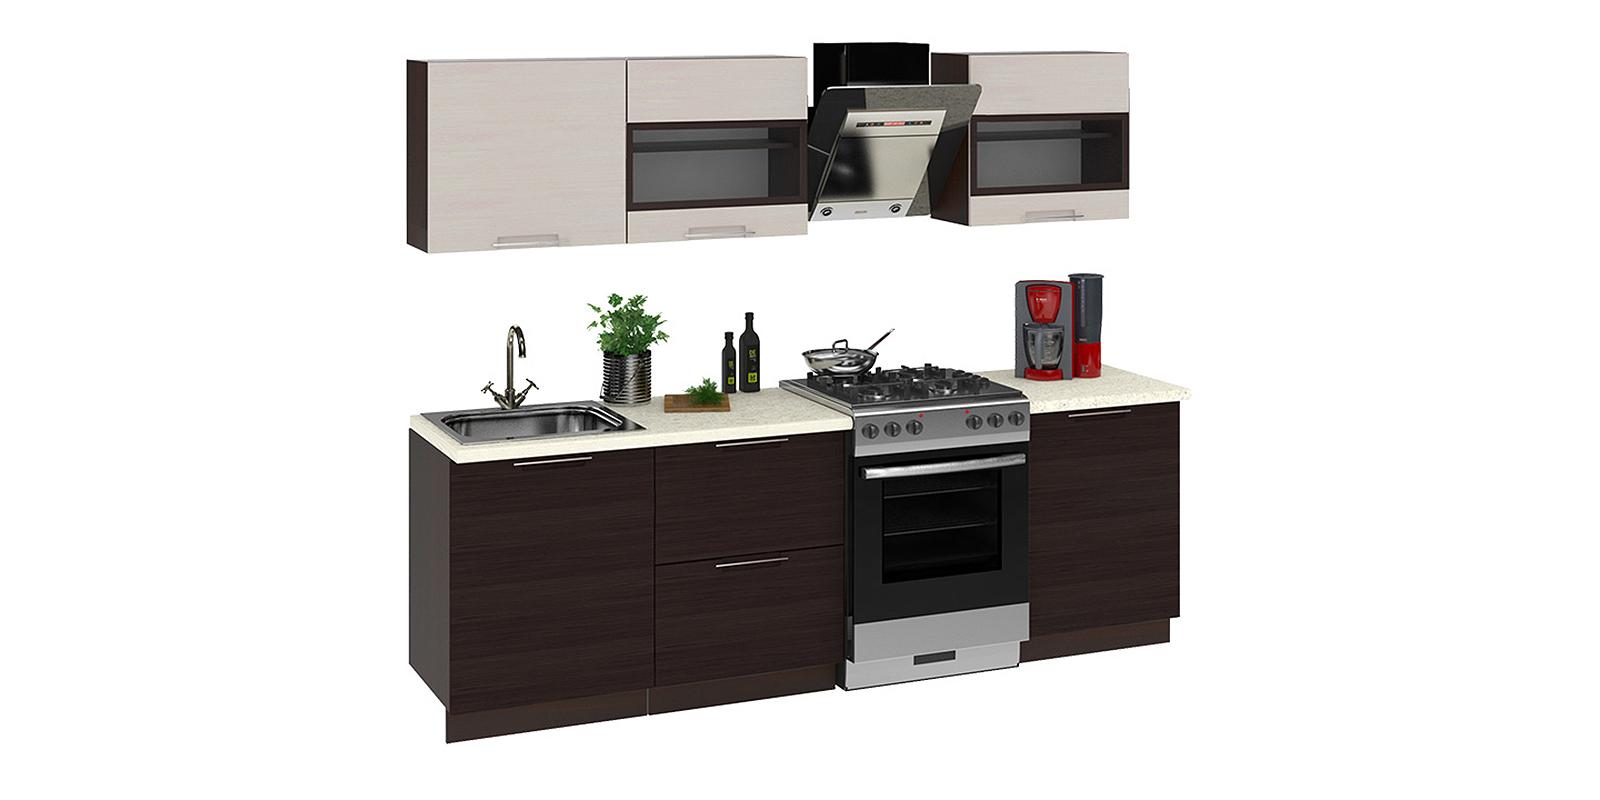 Кухонный гарнитур Мелани 240 см (коричневый)